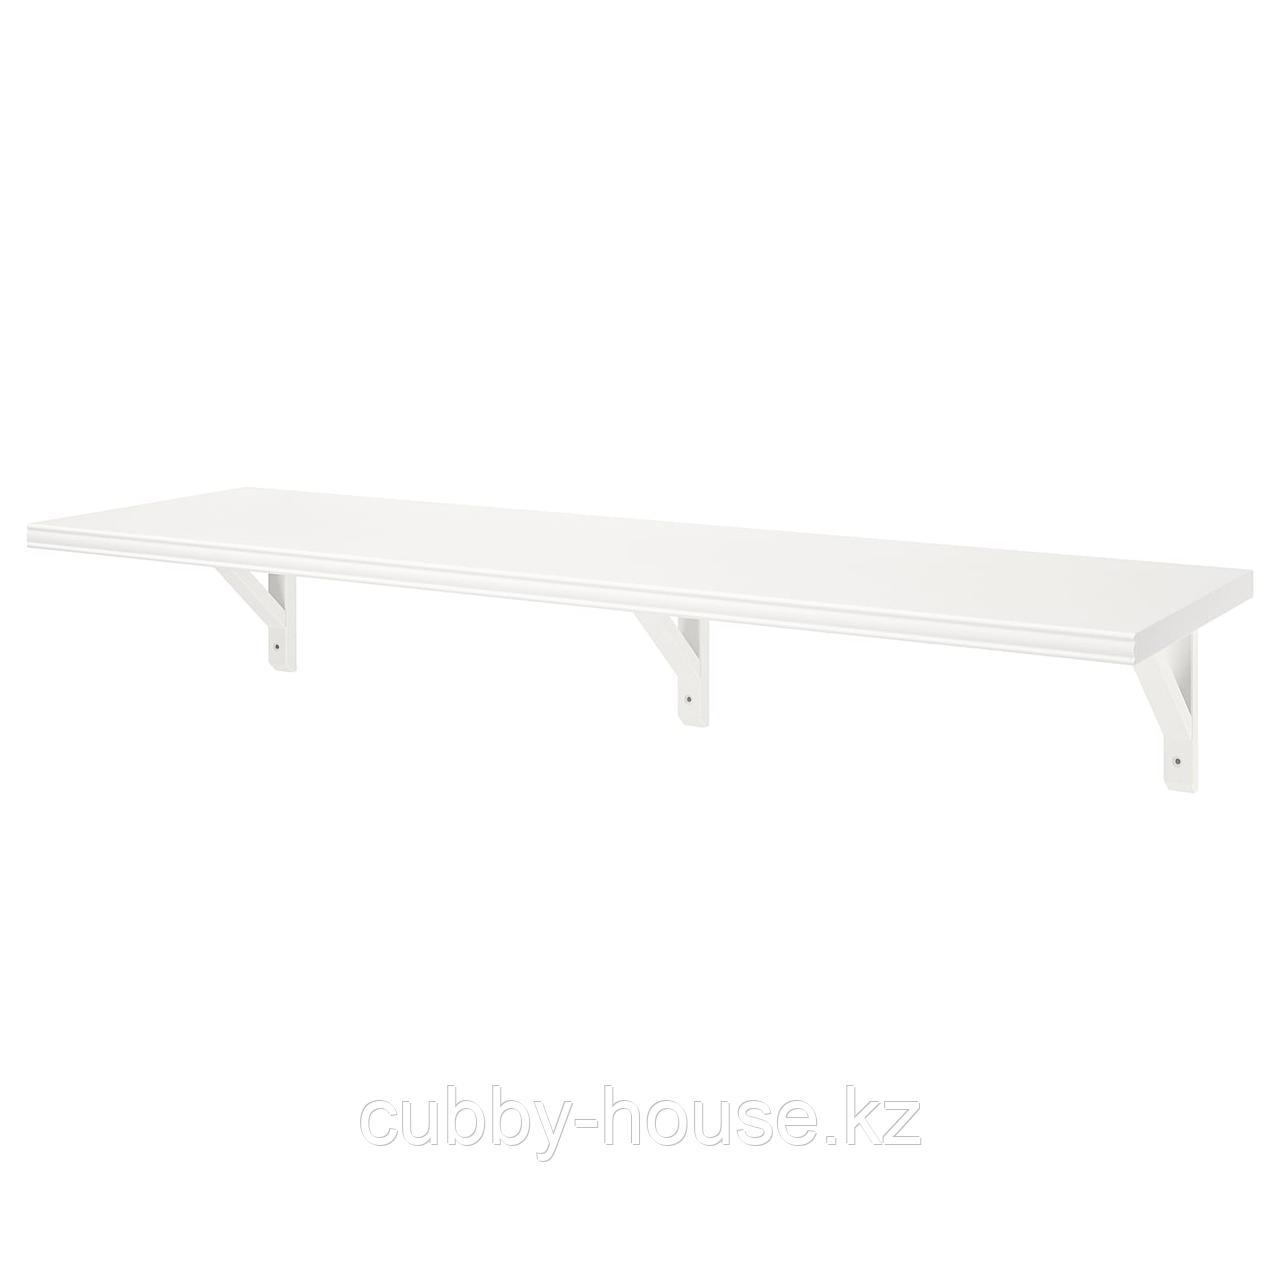 БЕРГСХУЛЬТ / САНДСХУЛЬТ Полка навесная, белый, осина, 120x30 см